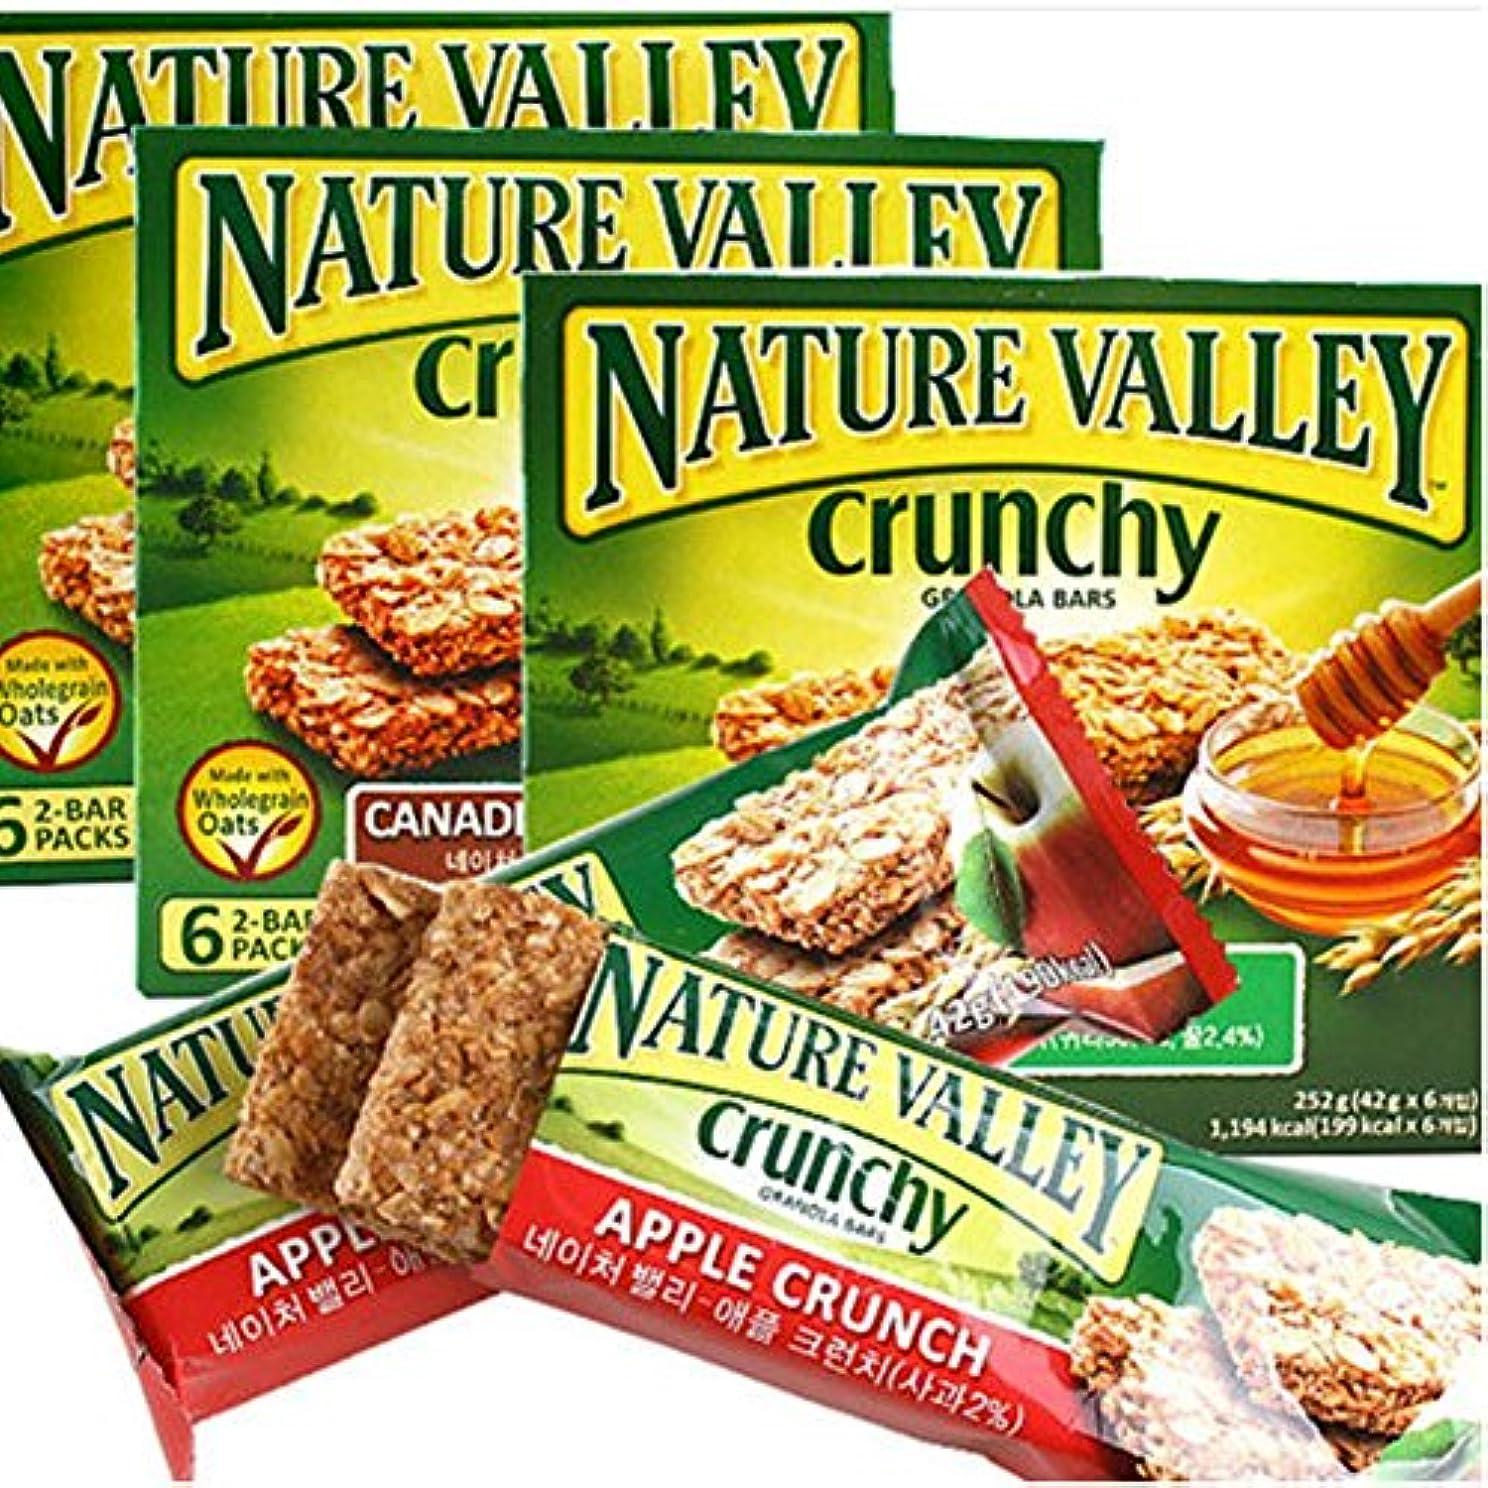 することになっている敗北行[ネイチャーバレー/Nature Valley] APPLE CRUNCH SYRUP/ネイチャーバレークランチグラノーラバー42g5パックx3 Box - アップルクランチシロップ(合計15袋)穀物バー/シリアル/栄養...